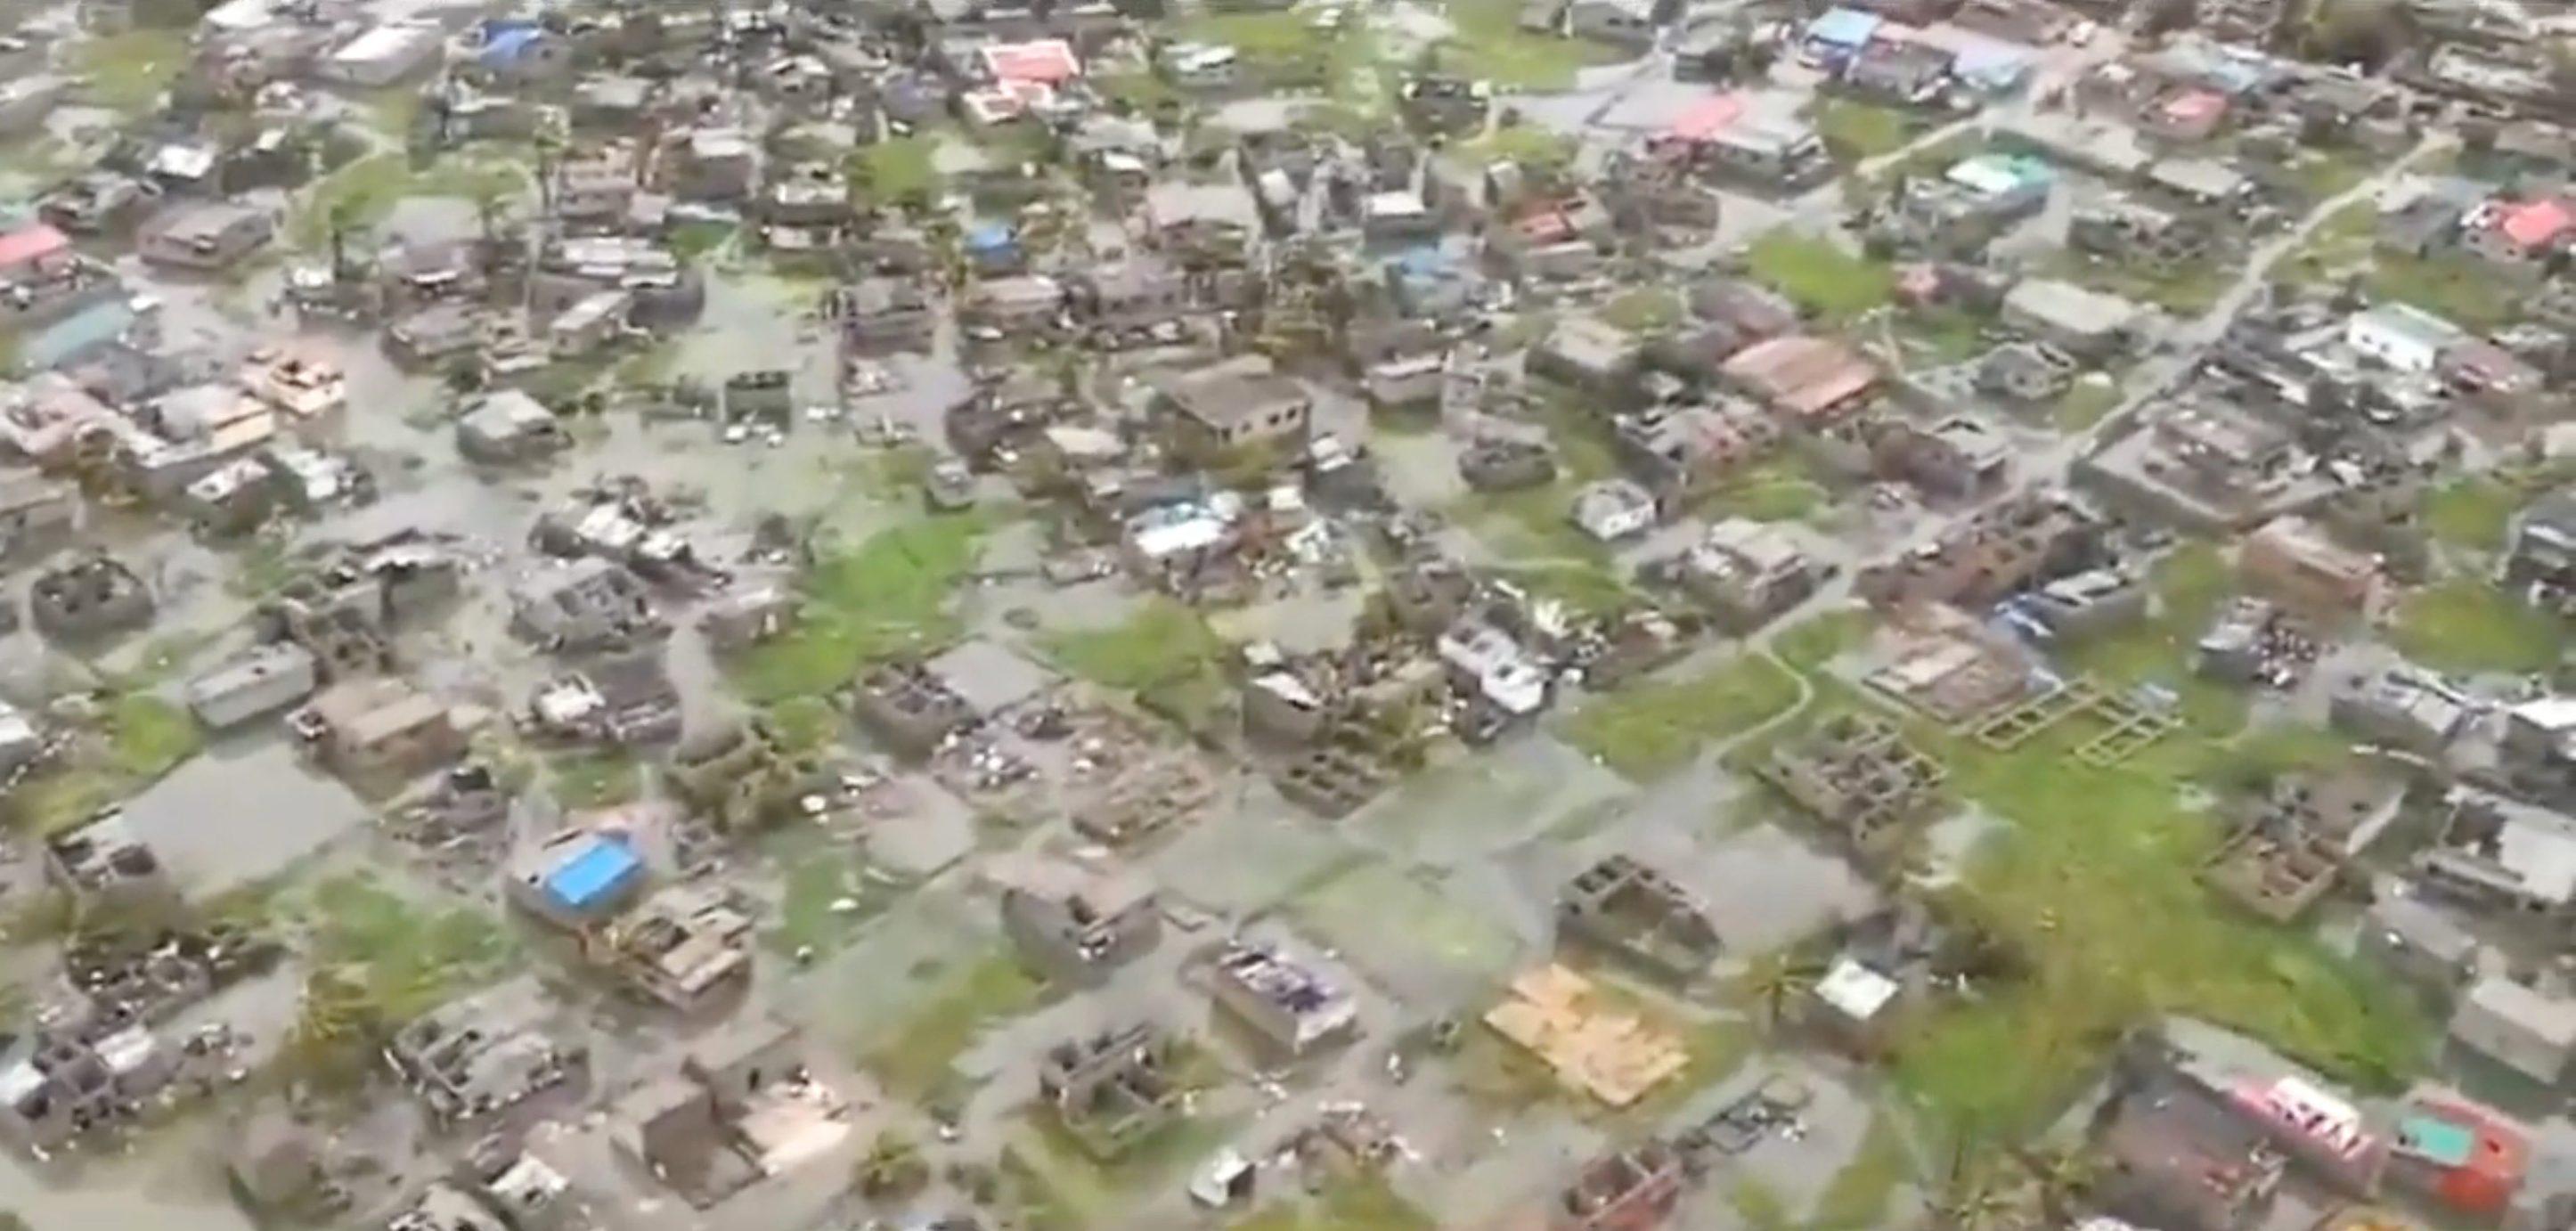 Helikopterska snimka poplave i štete nastale ciklonom u Beirai u Mozambiku